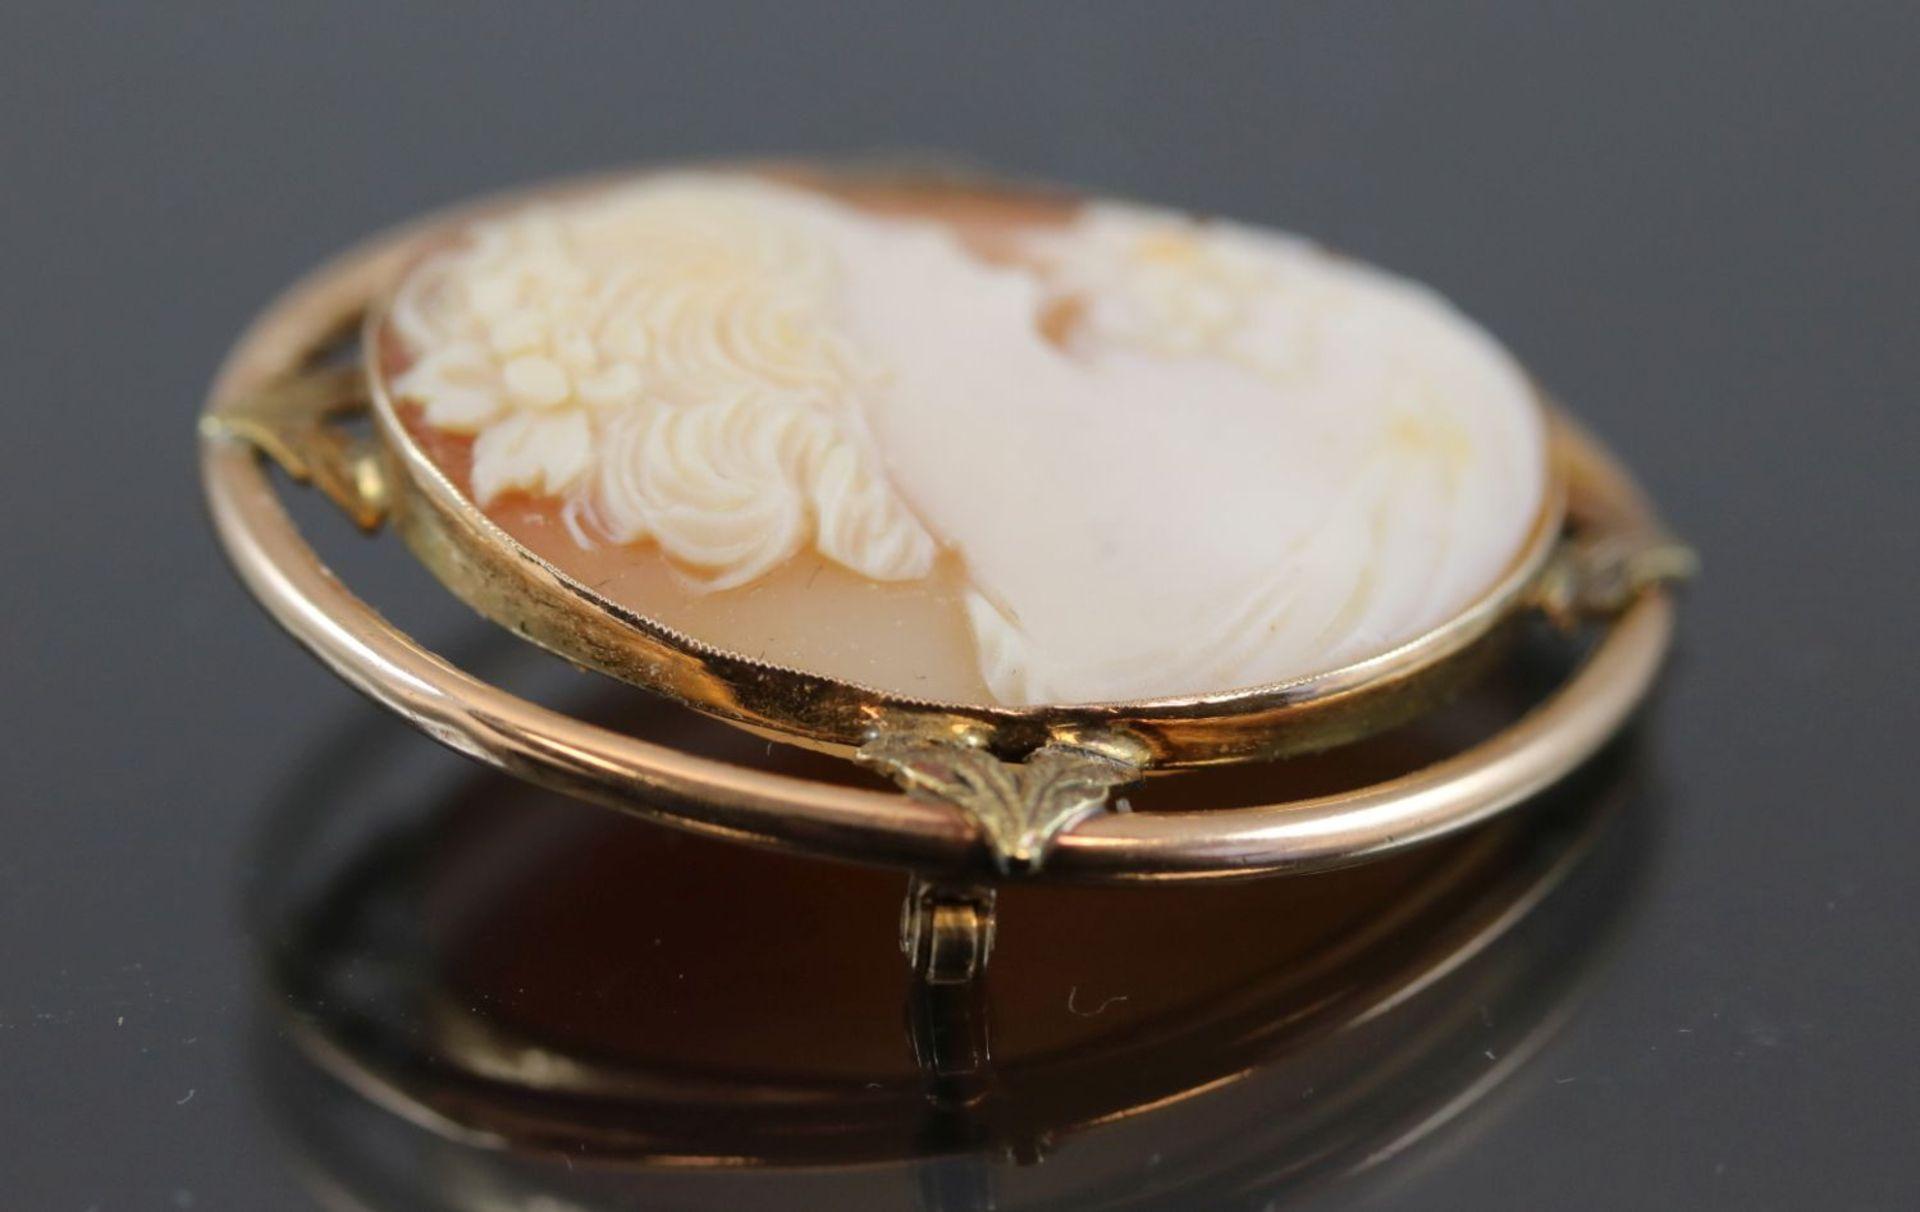 Gemme-Brosche, 375 Gold5,8 Gramm Breite: 3,1 cm, Länge: 3,6 cm - Bild 4 aus 7